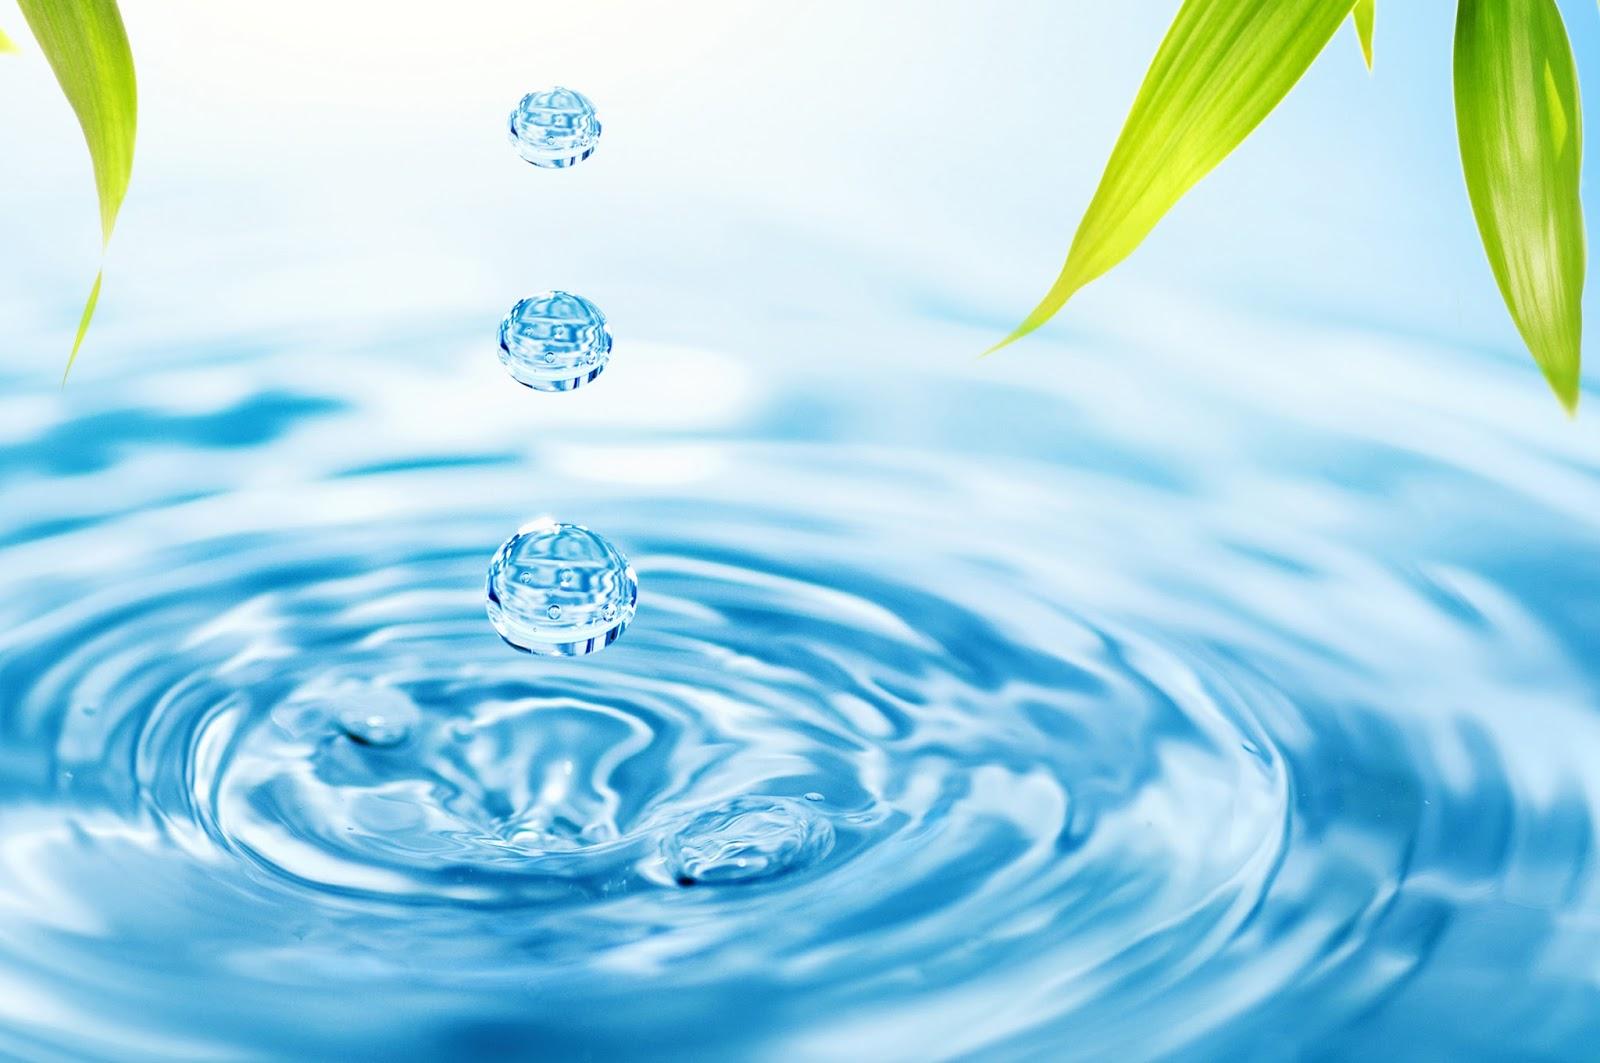 Apa Itu Tablet Tcca Ksm Klorinator Tempat Melarutkan Kaporit Keberadaan Air Bersih Dan Sehat Adalah Kebutuhan Mutlak Dari Kehidupan Kita Sehari Hari Tersebut Bisa Gunakan Untuk Mencuci